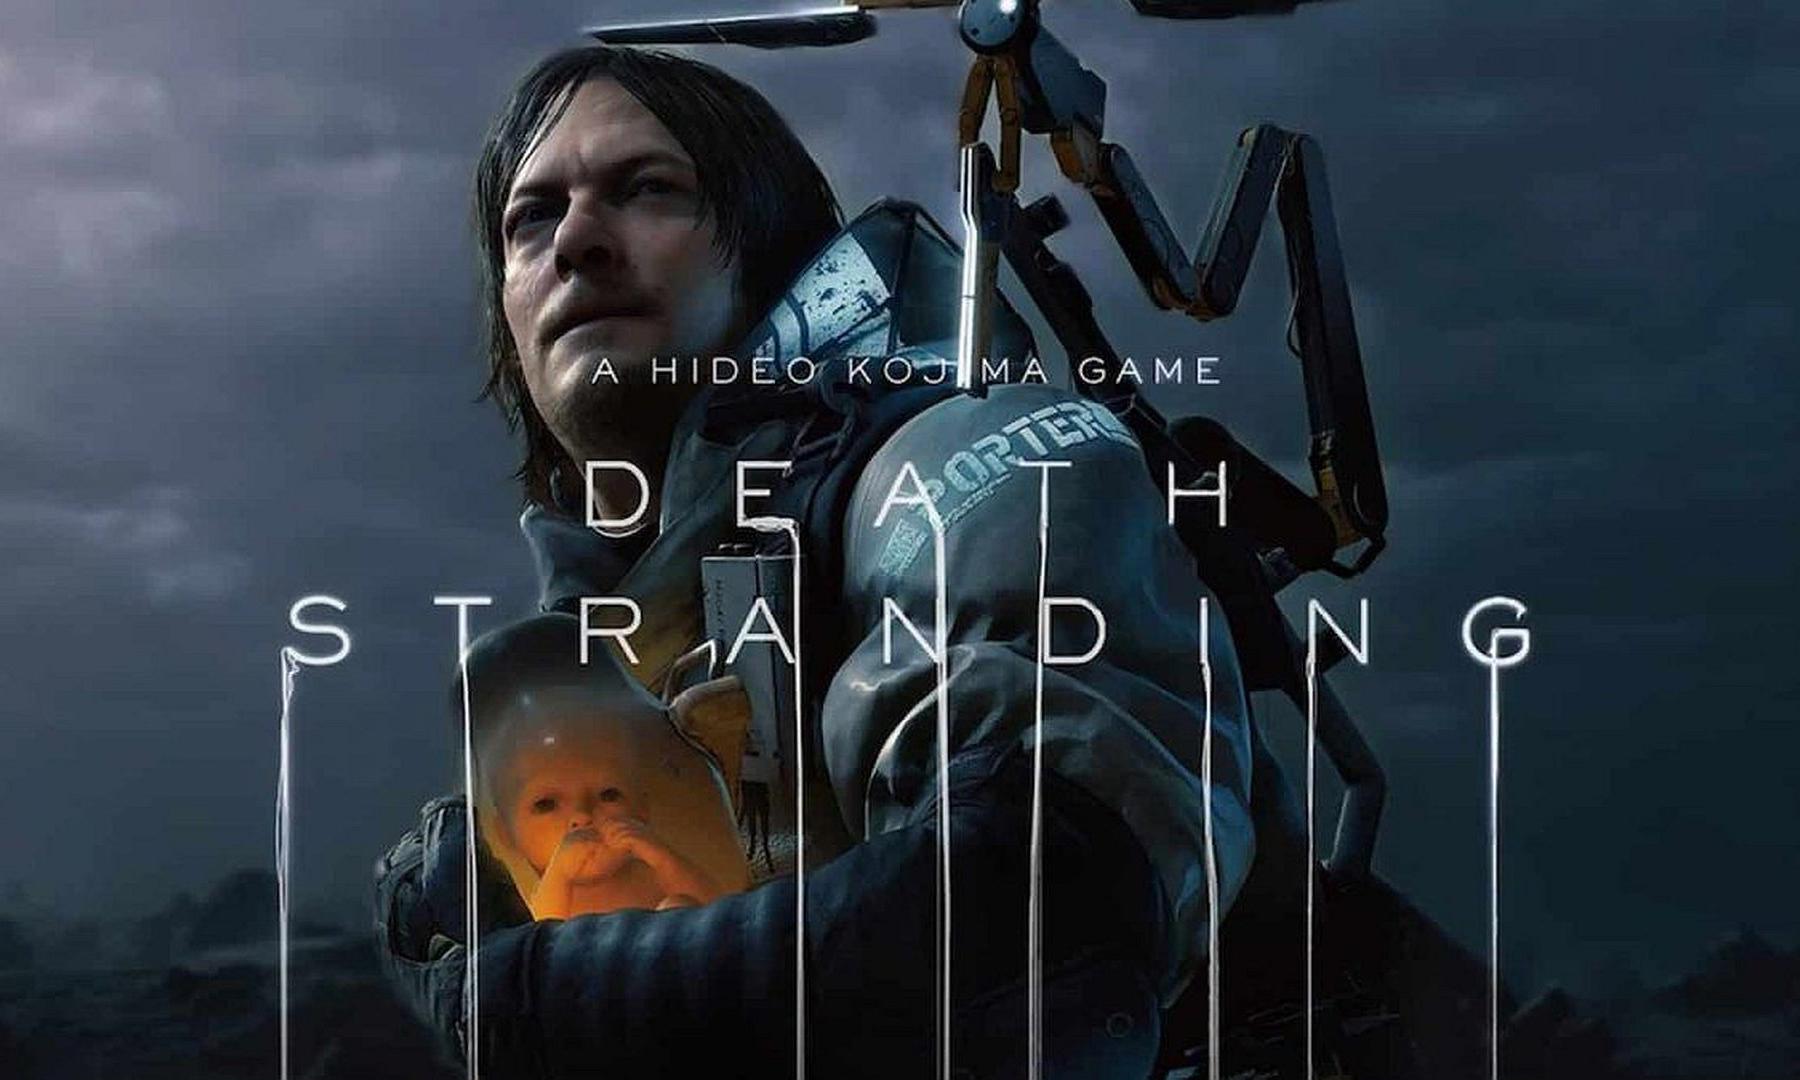 《死亡搁浅》PC 版将于 6 月 3 日发售